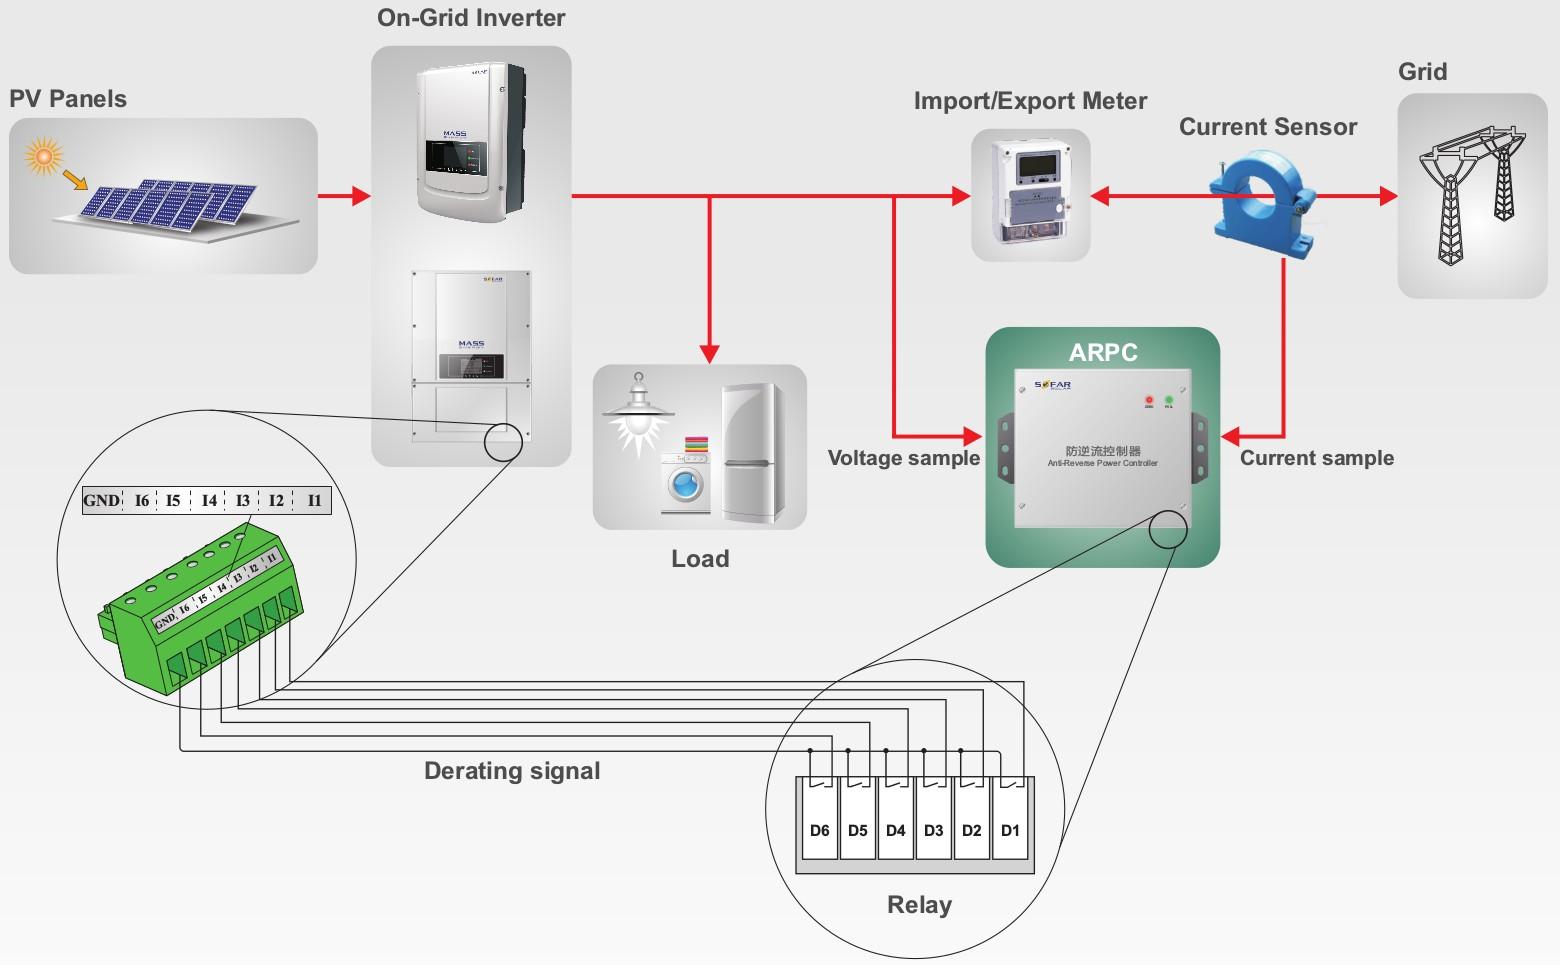 Схема работы контроллера ограничения мощности ARPC